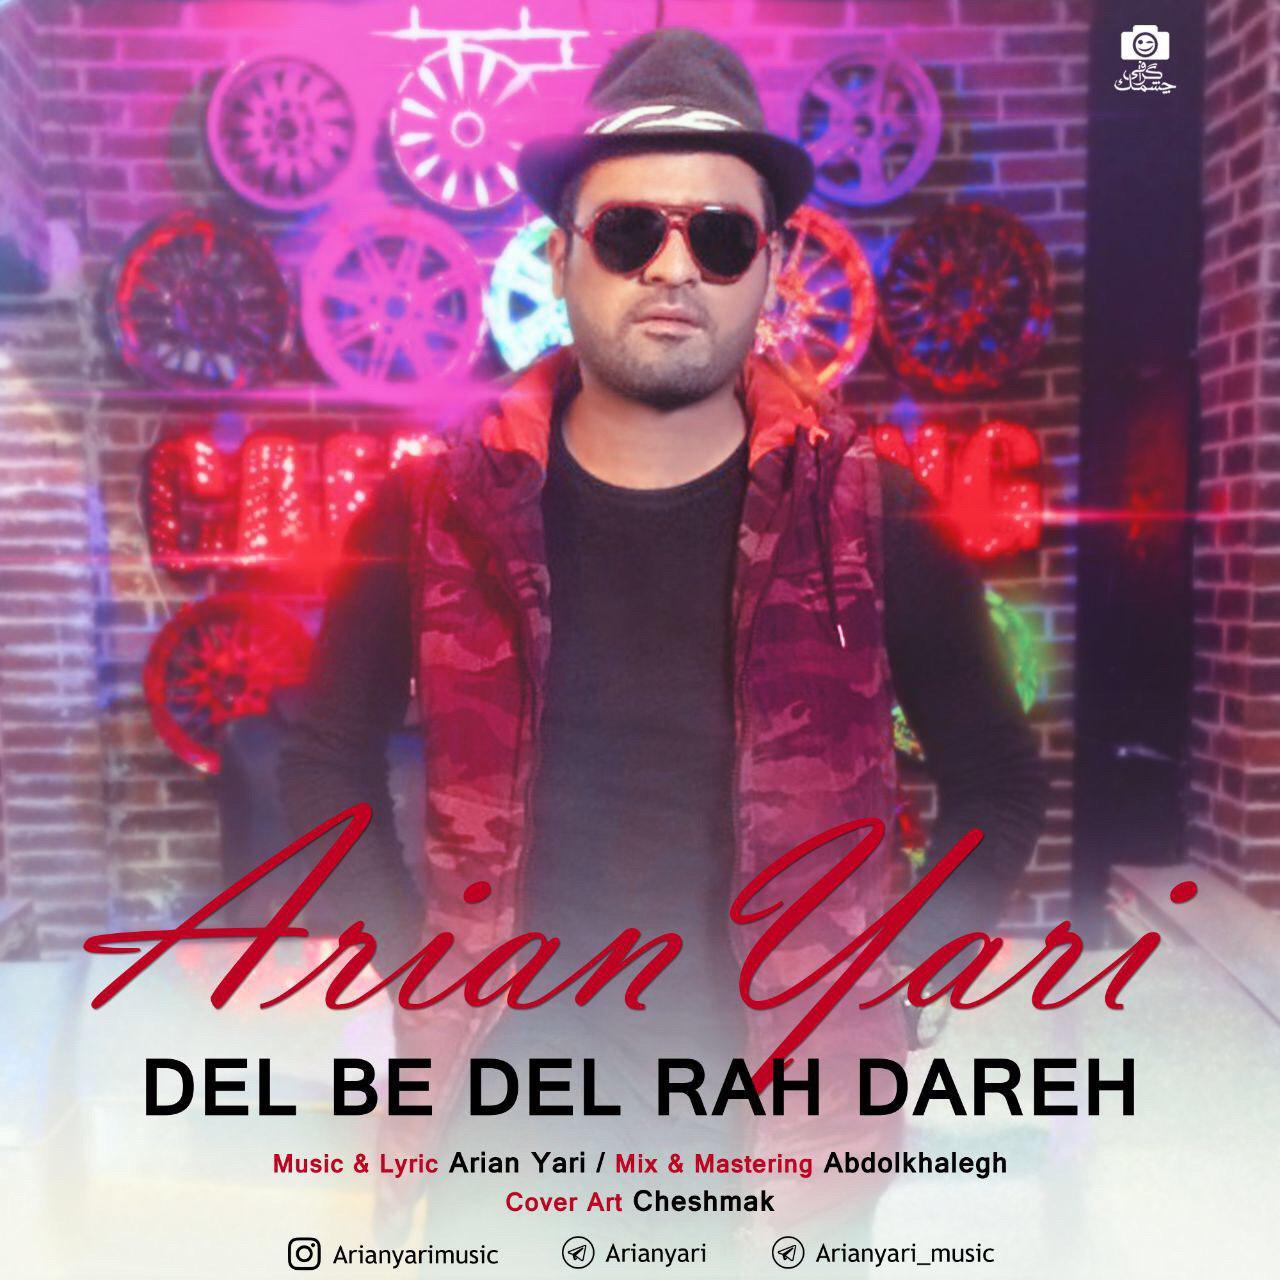 Arian Yari - Del Be Del Rah Dareh Music | آهنگ آرین یاری - دل به دل راه داره